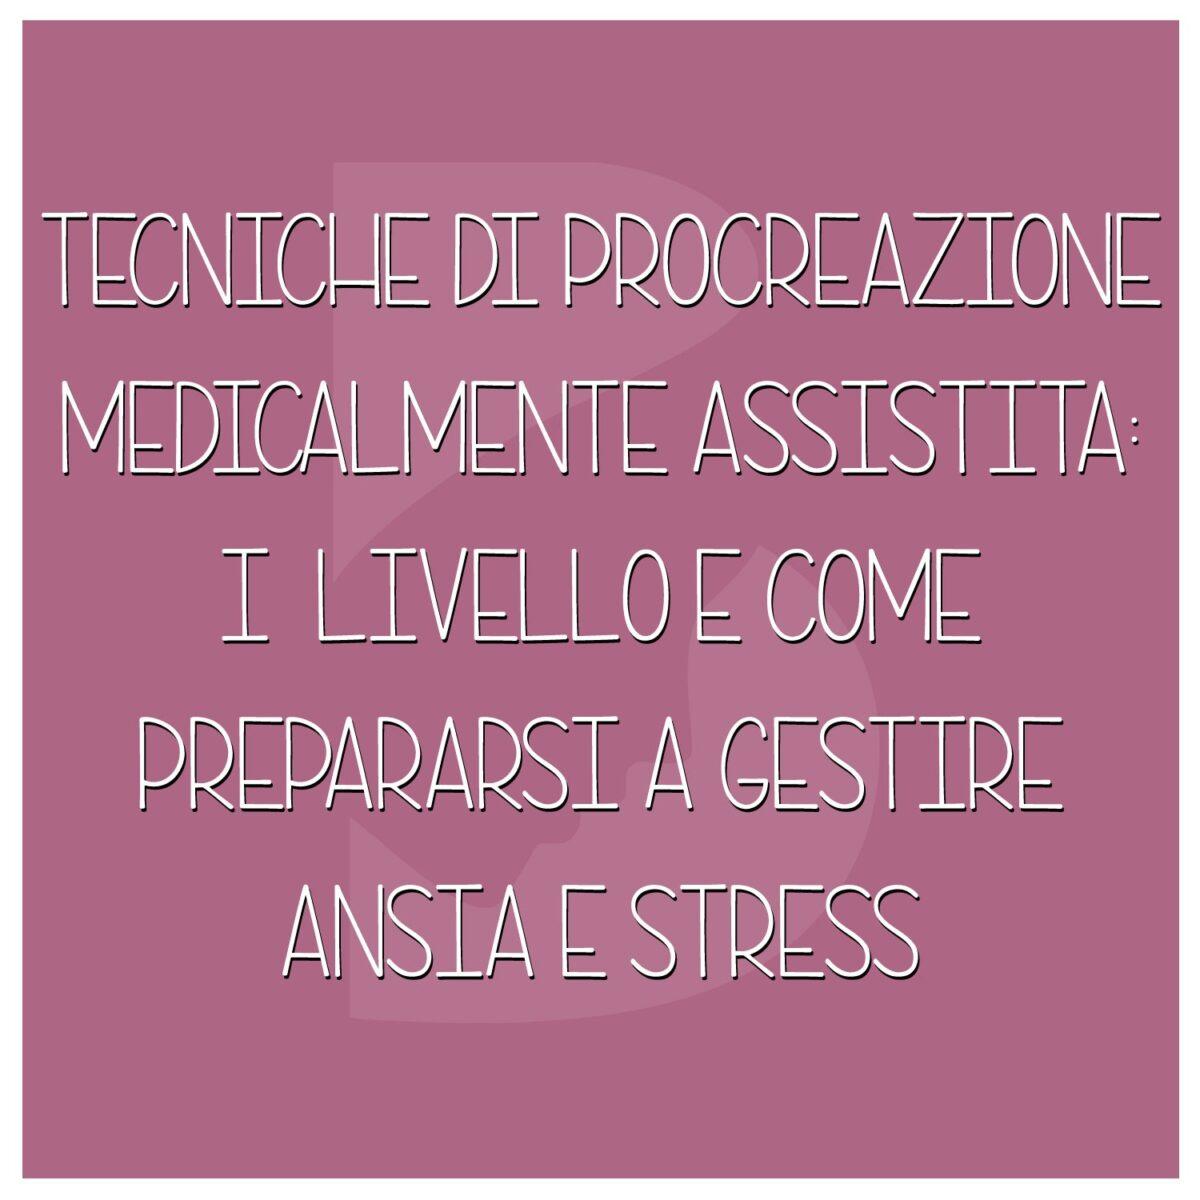 Tecniche-di-procreazione-medicalmente-assistita-I-livello-come-prepararsi-a-gestire-ansia-e-stress-1200x1200.jpeg